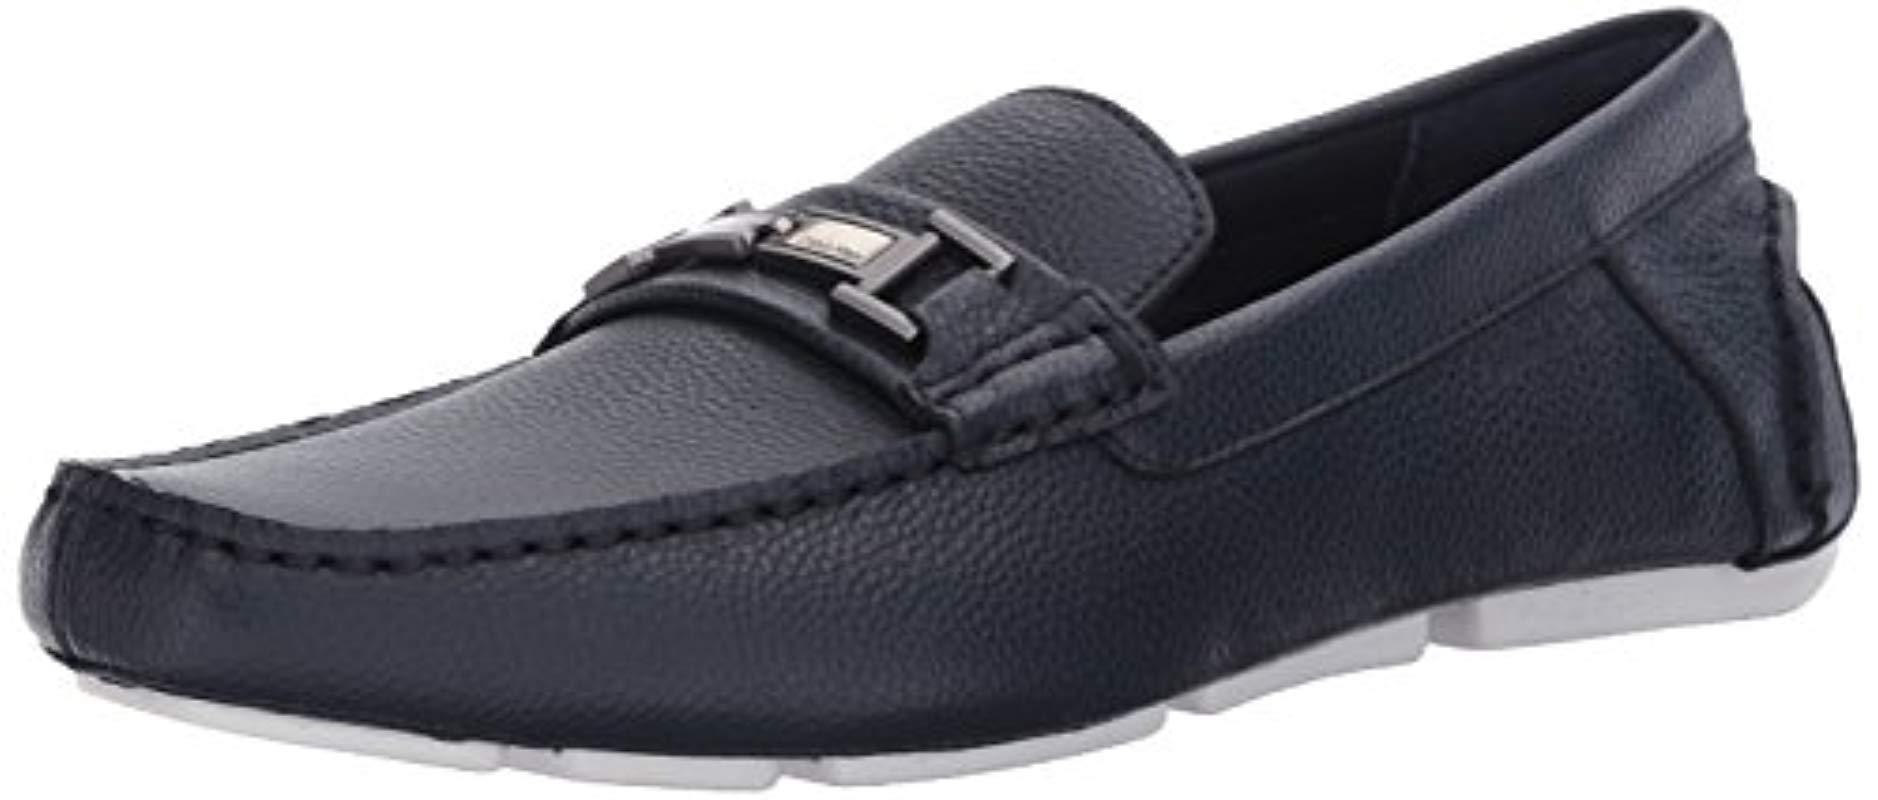 edcc618c741 Lyst - Calvin Klein Magnus Slip-on Loafer in Blue for Men - Save 55%